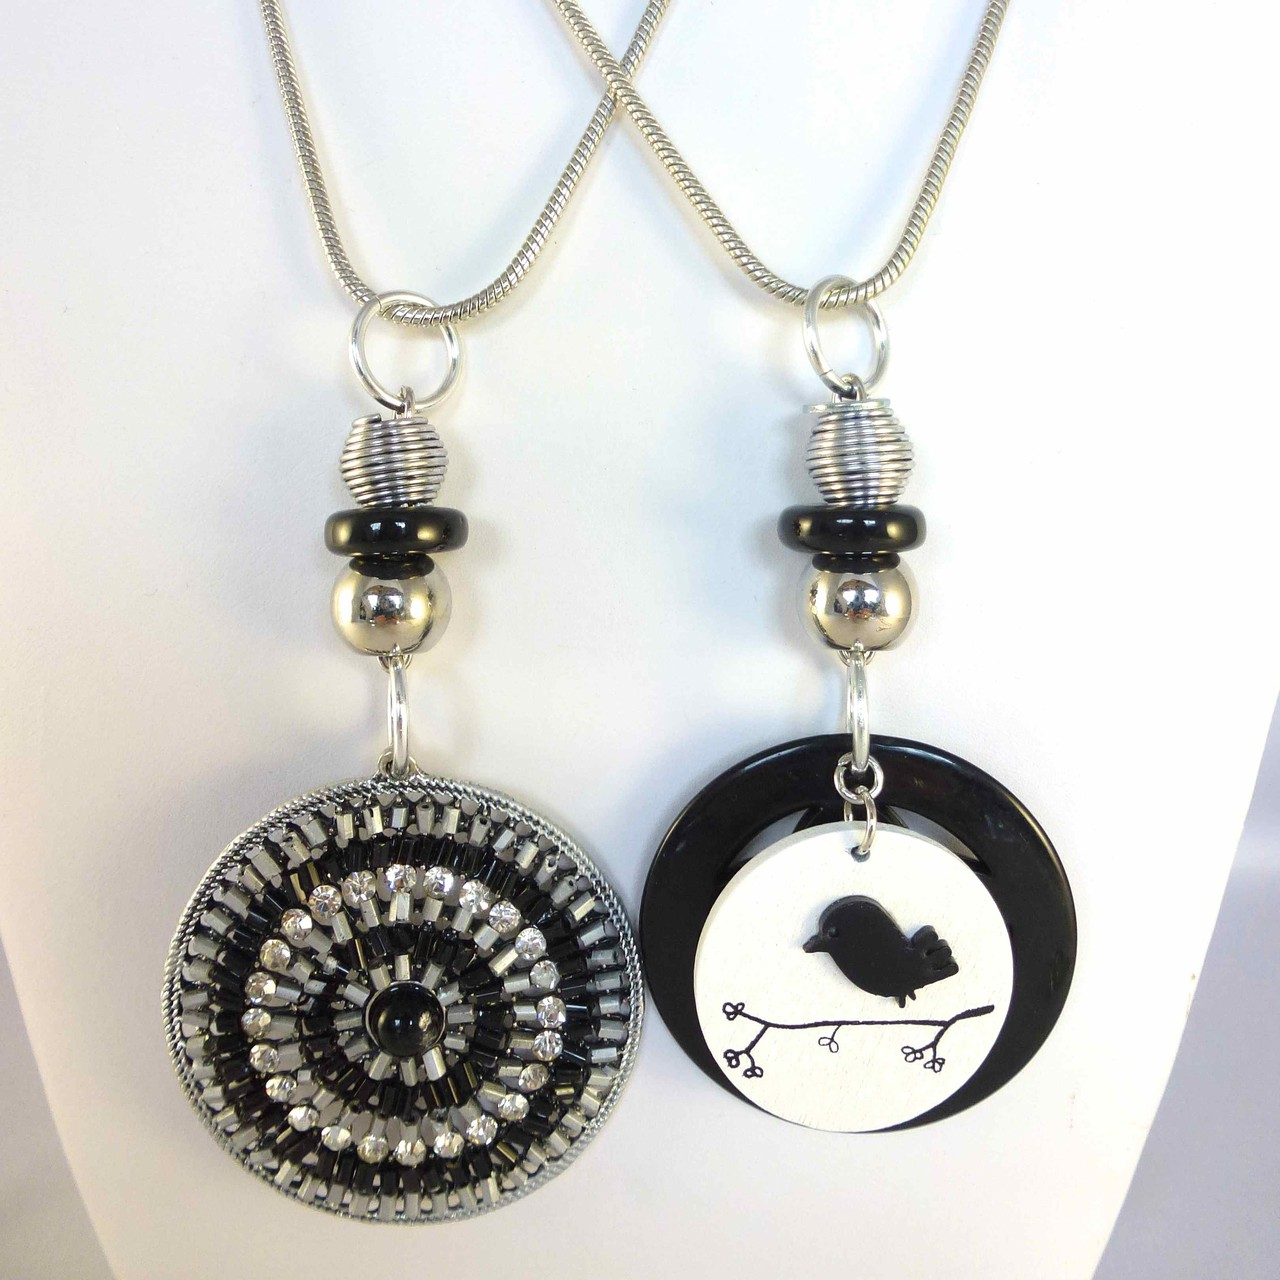 Bijoux Fantaisie: Colliers longs FATALE et POETIQUE, Collection printemps/été 2015, Créations Chagoë